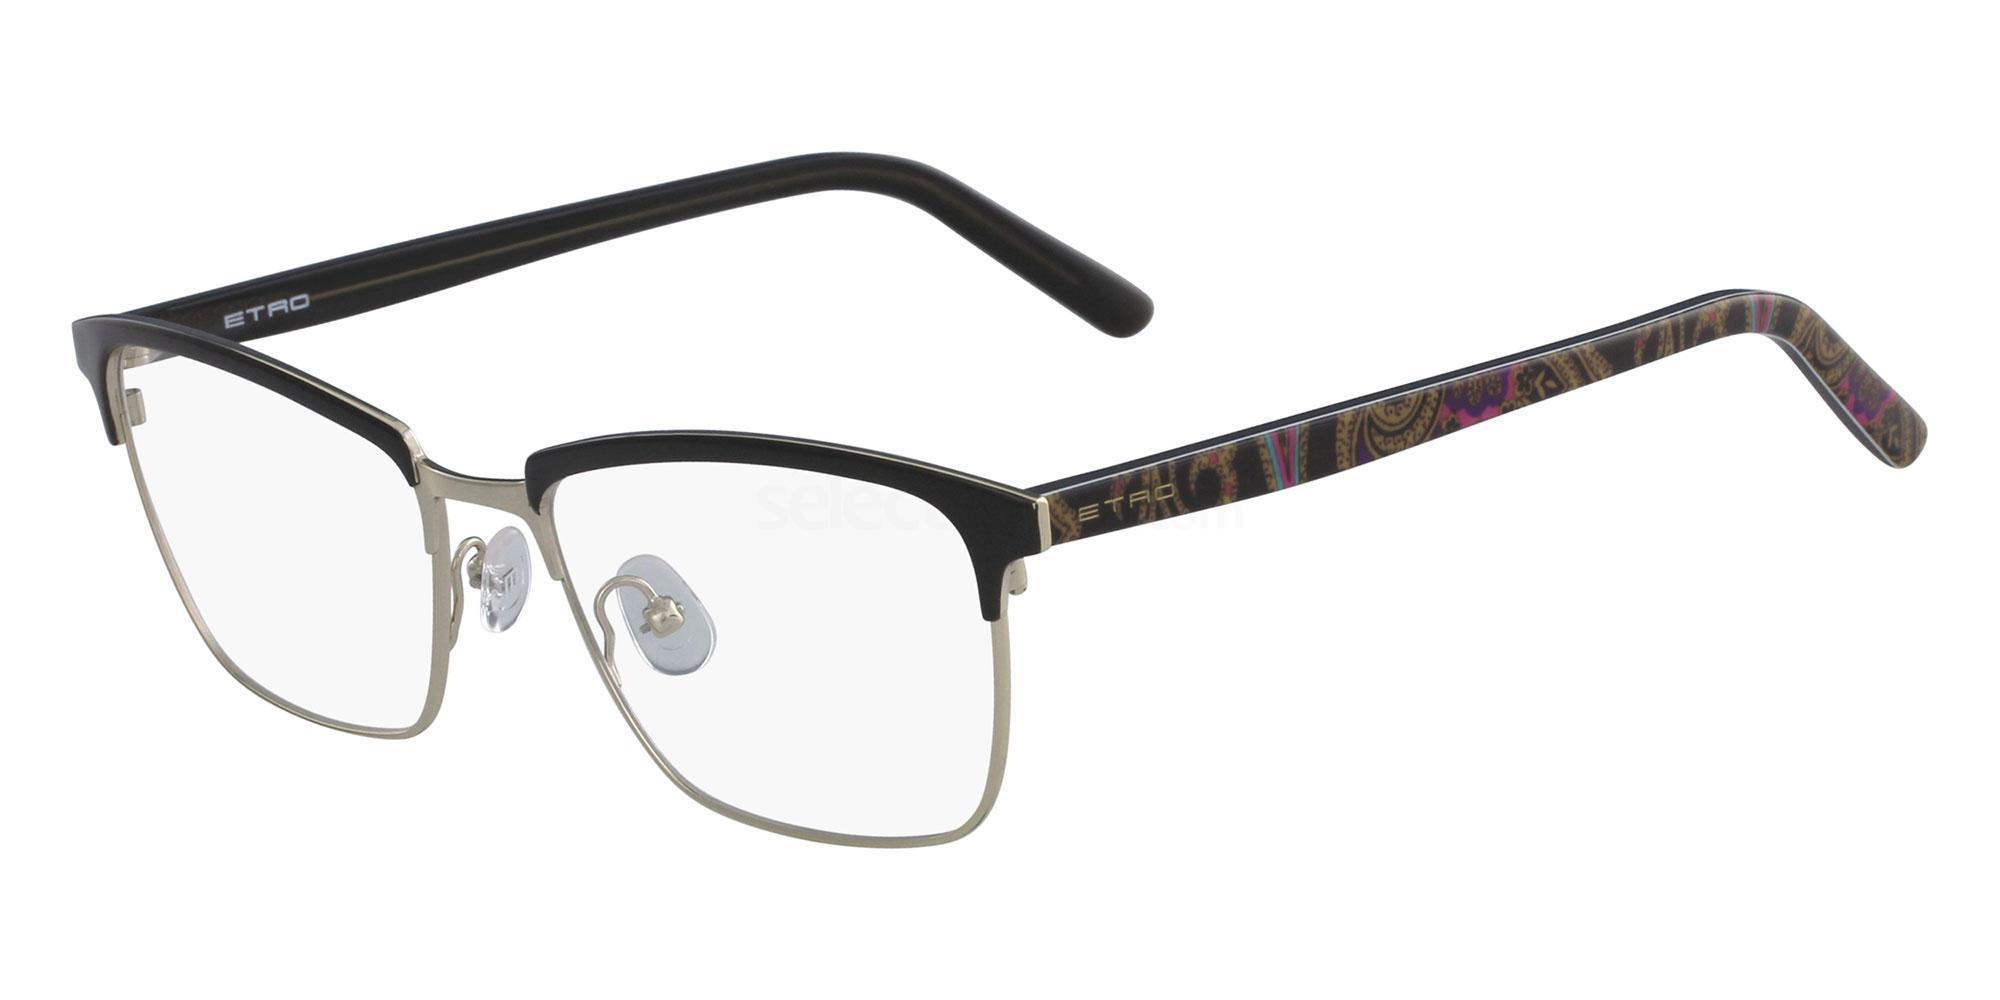 001 ET2118 Glasses, Etro